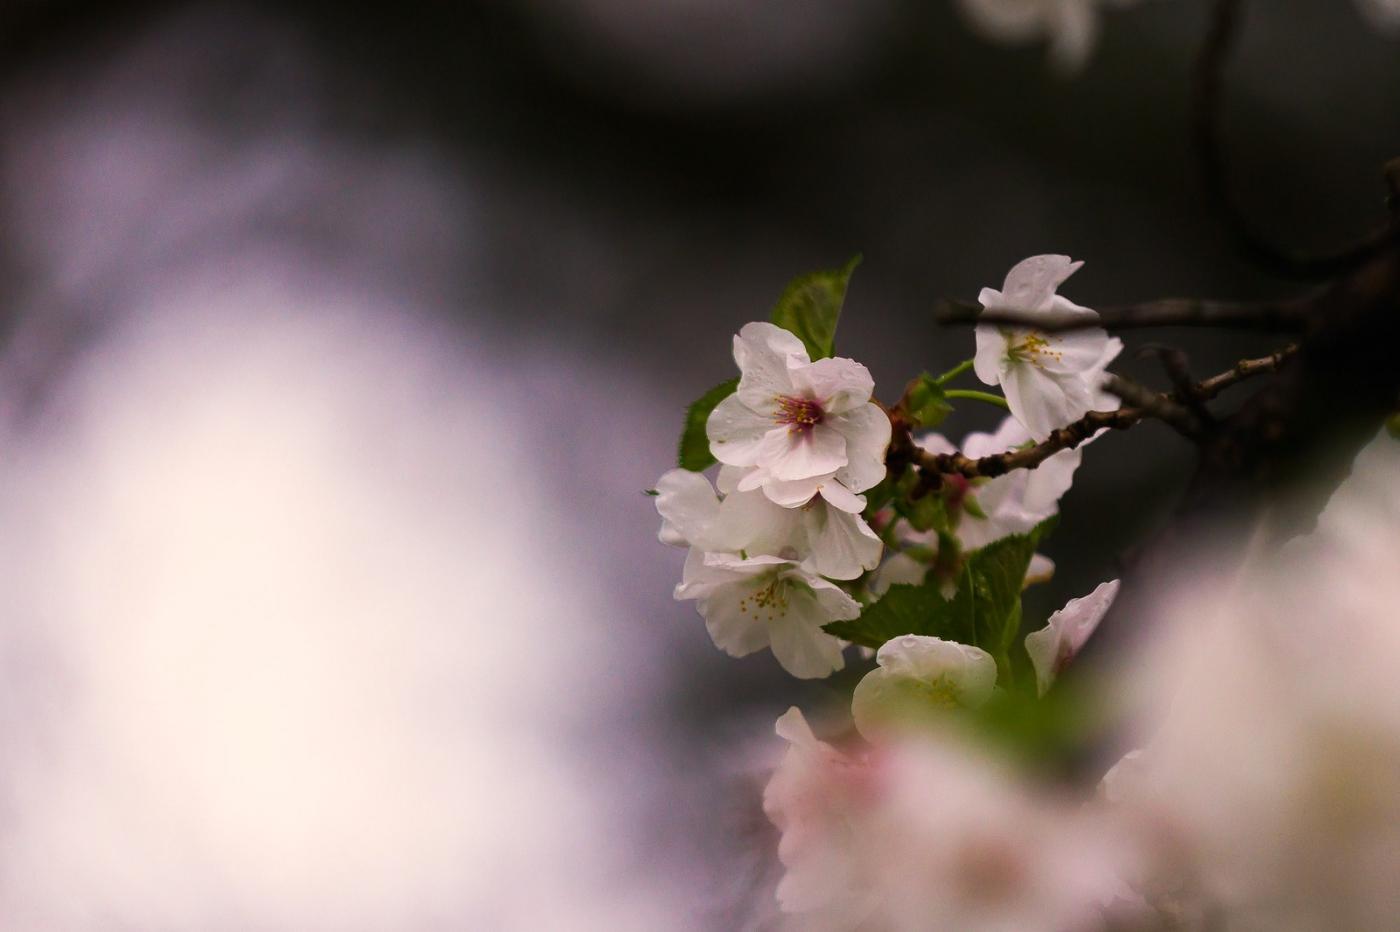 白色李花,粉色芯_圖1-6